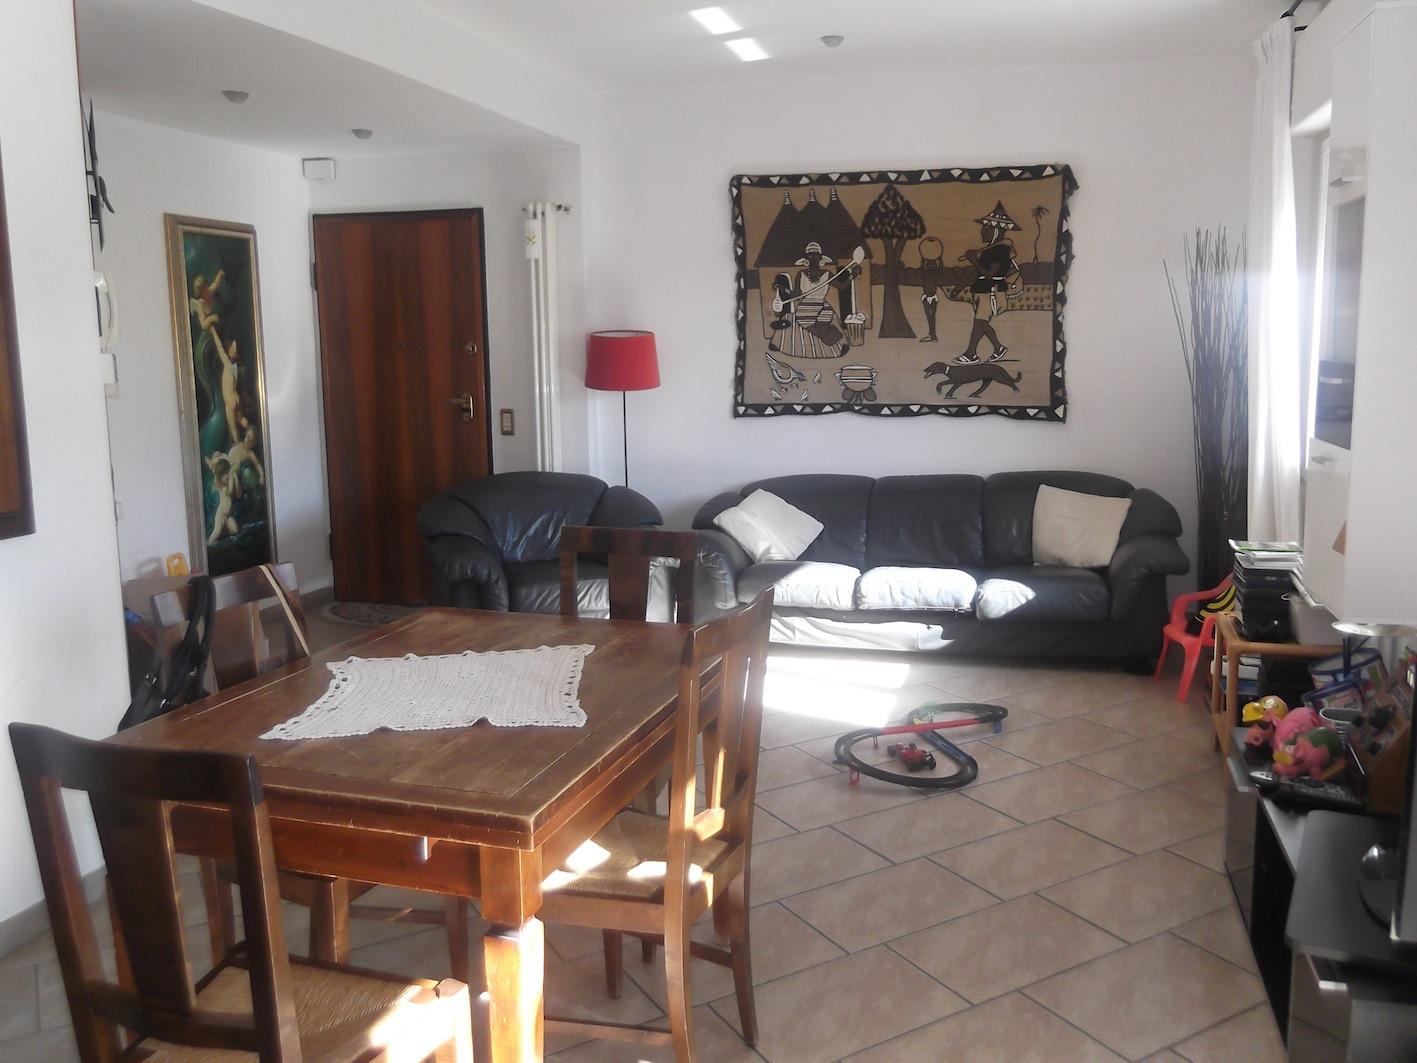 RICCIONE ABISSINIA,  ampio appartamento in vendita vicino al mare